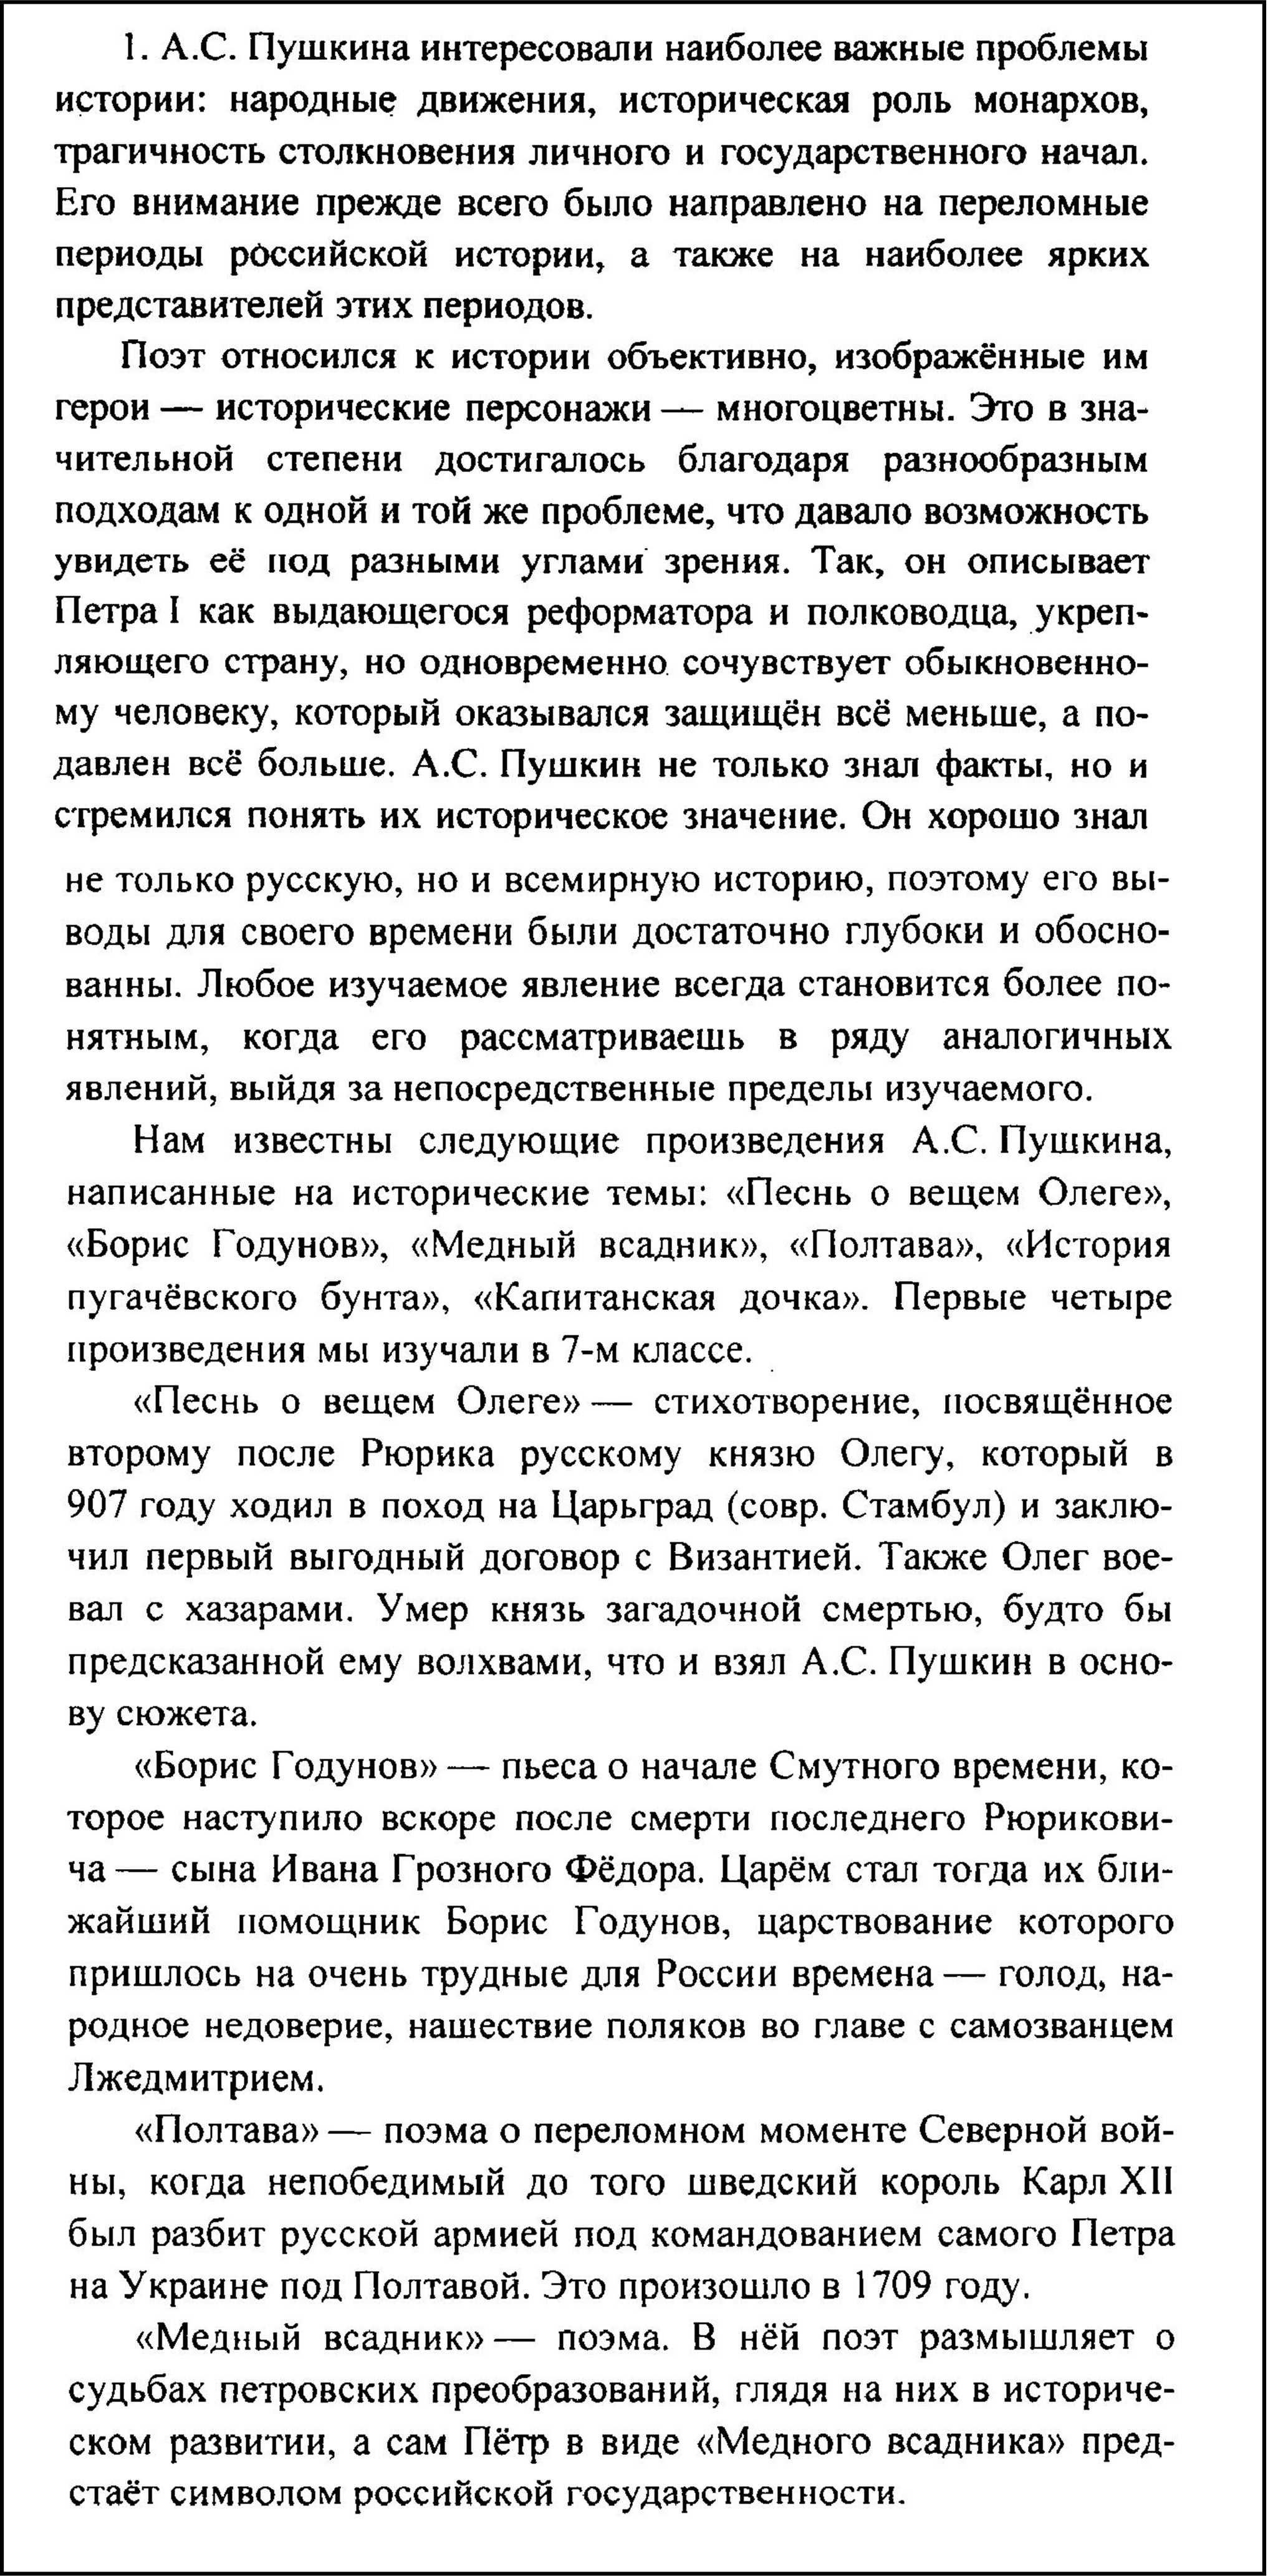 Sochinenie Dlya 5 Klassov Po Teme Petya I Gavrik Literature How To Plan Word Search Puzzle